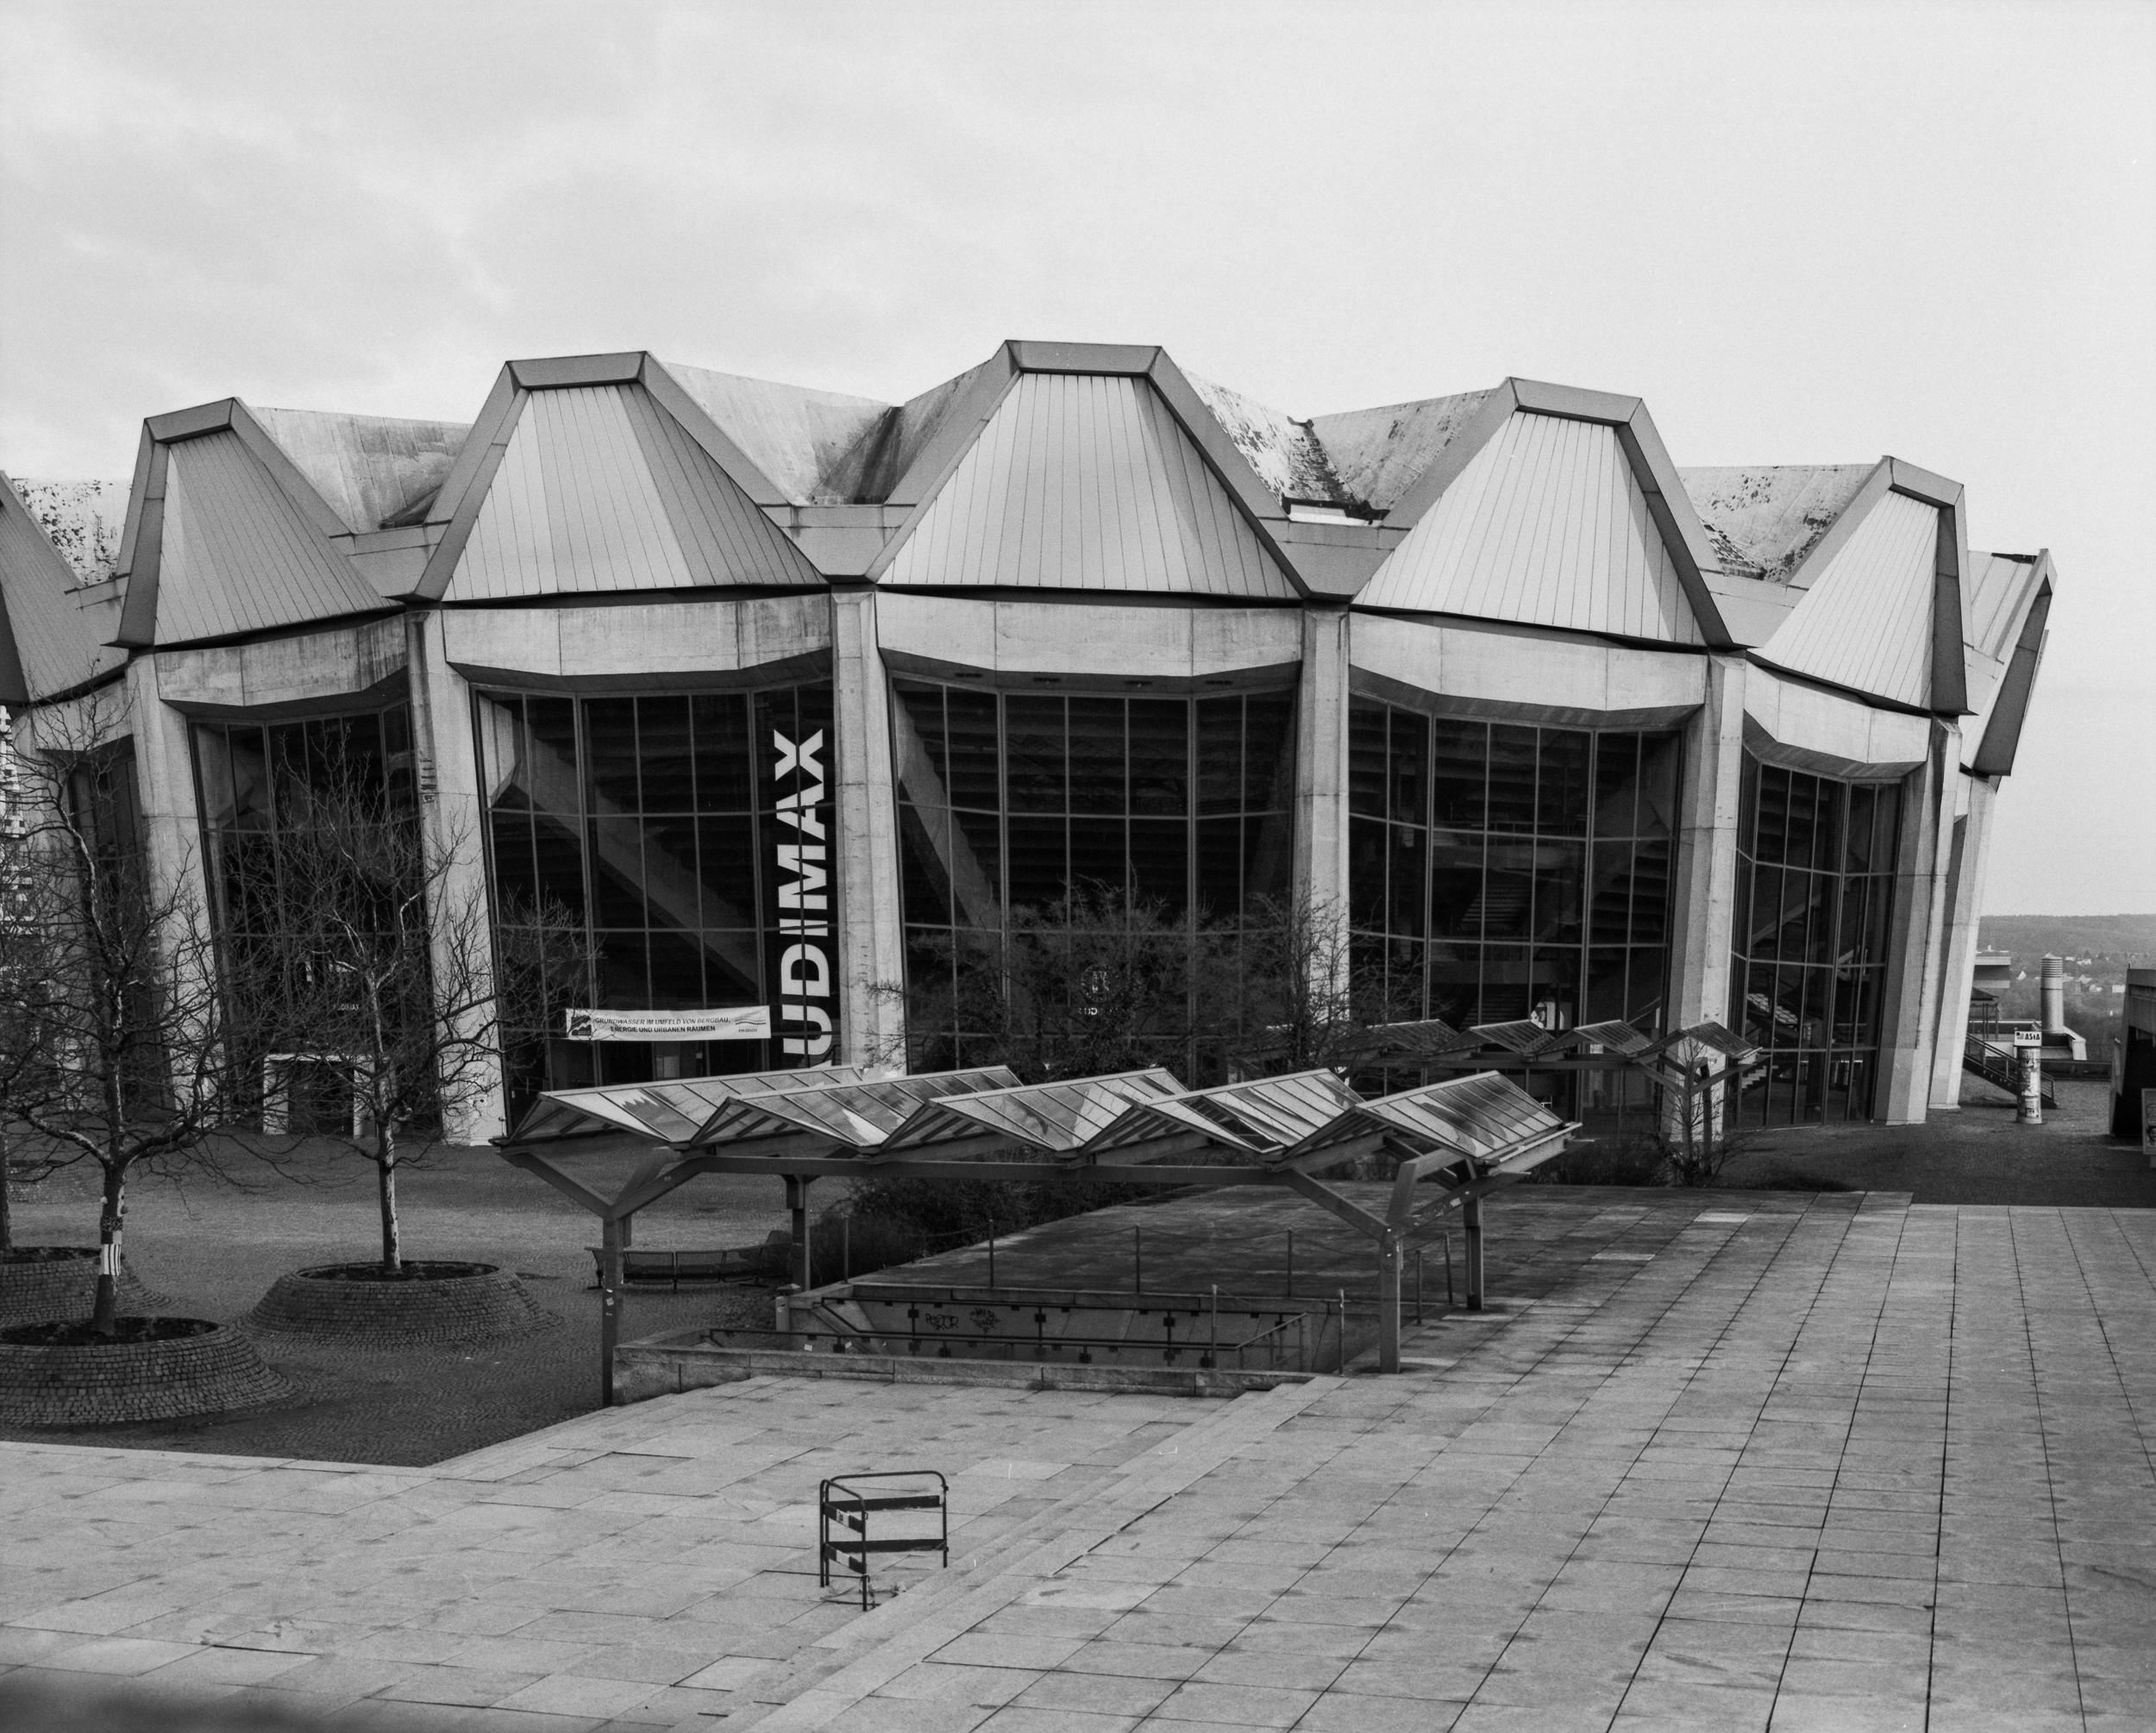 Ruhruniversität_20180326_0006_2500px.jpg